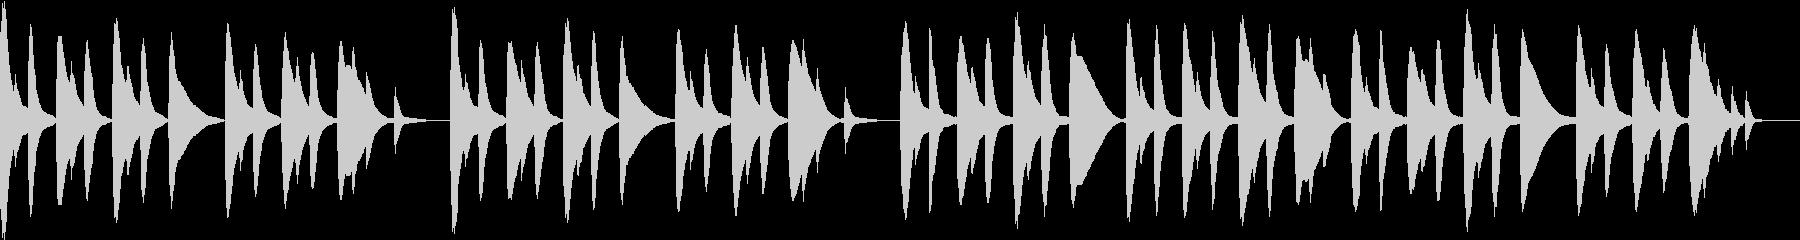 木琴で作ったほのぼのとした雰囲気の曲の未再生の波形